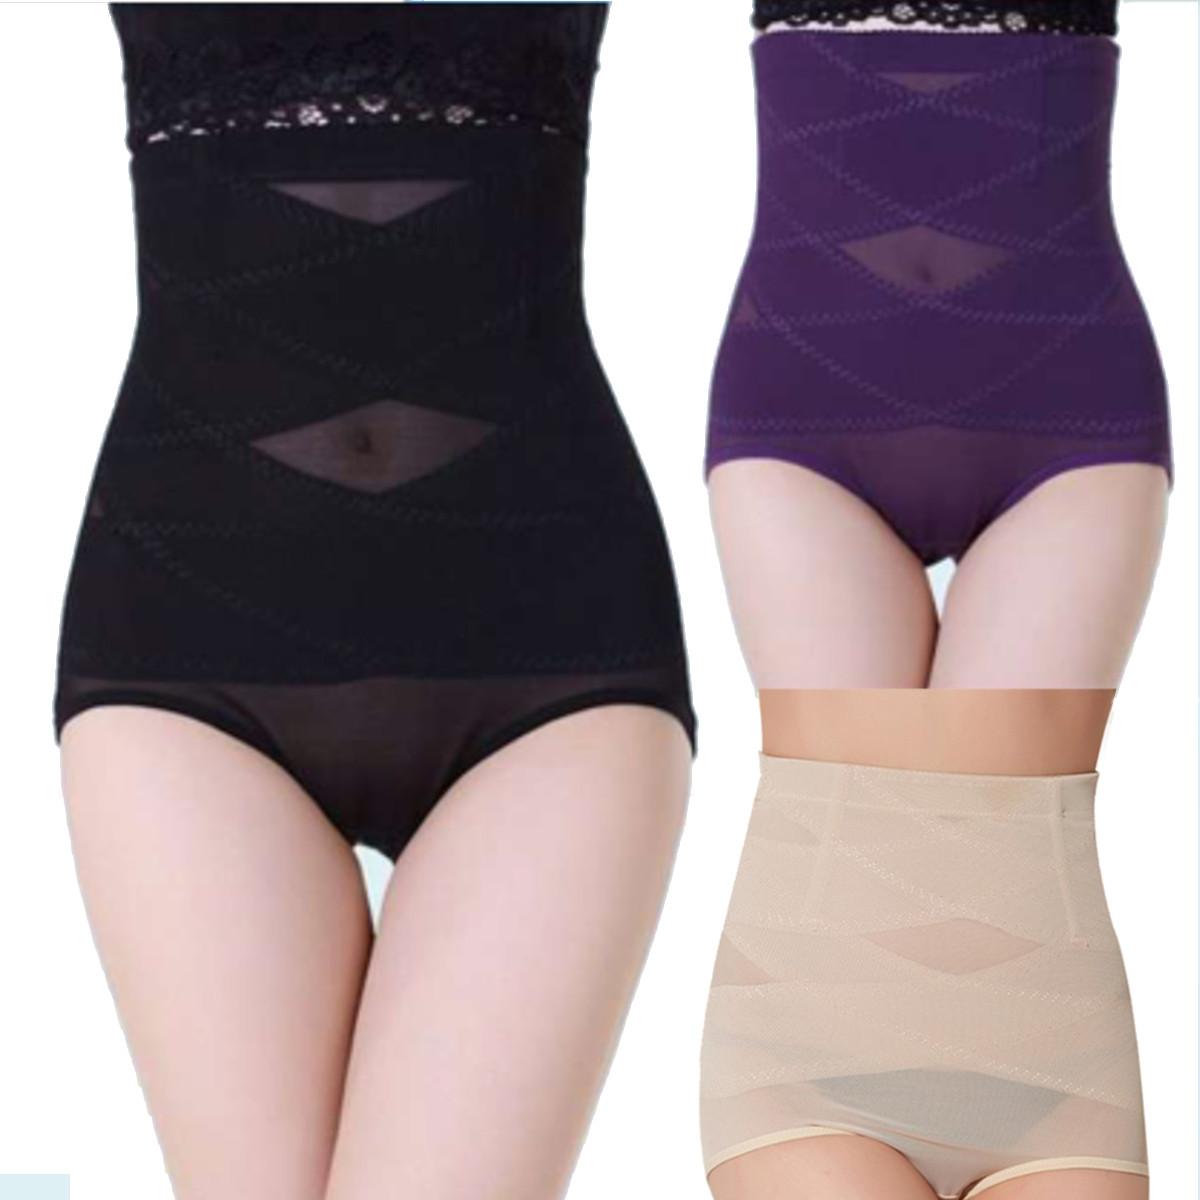 Женская спортивная талия обучение грудью управления формирователь животик похудения брюки